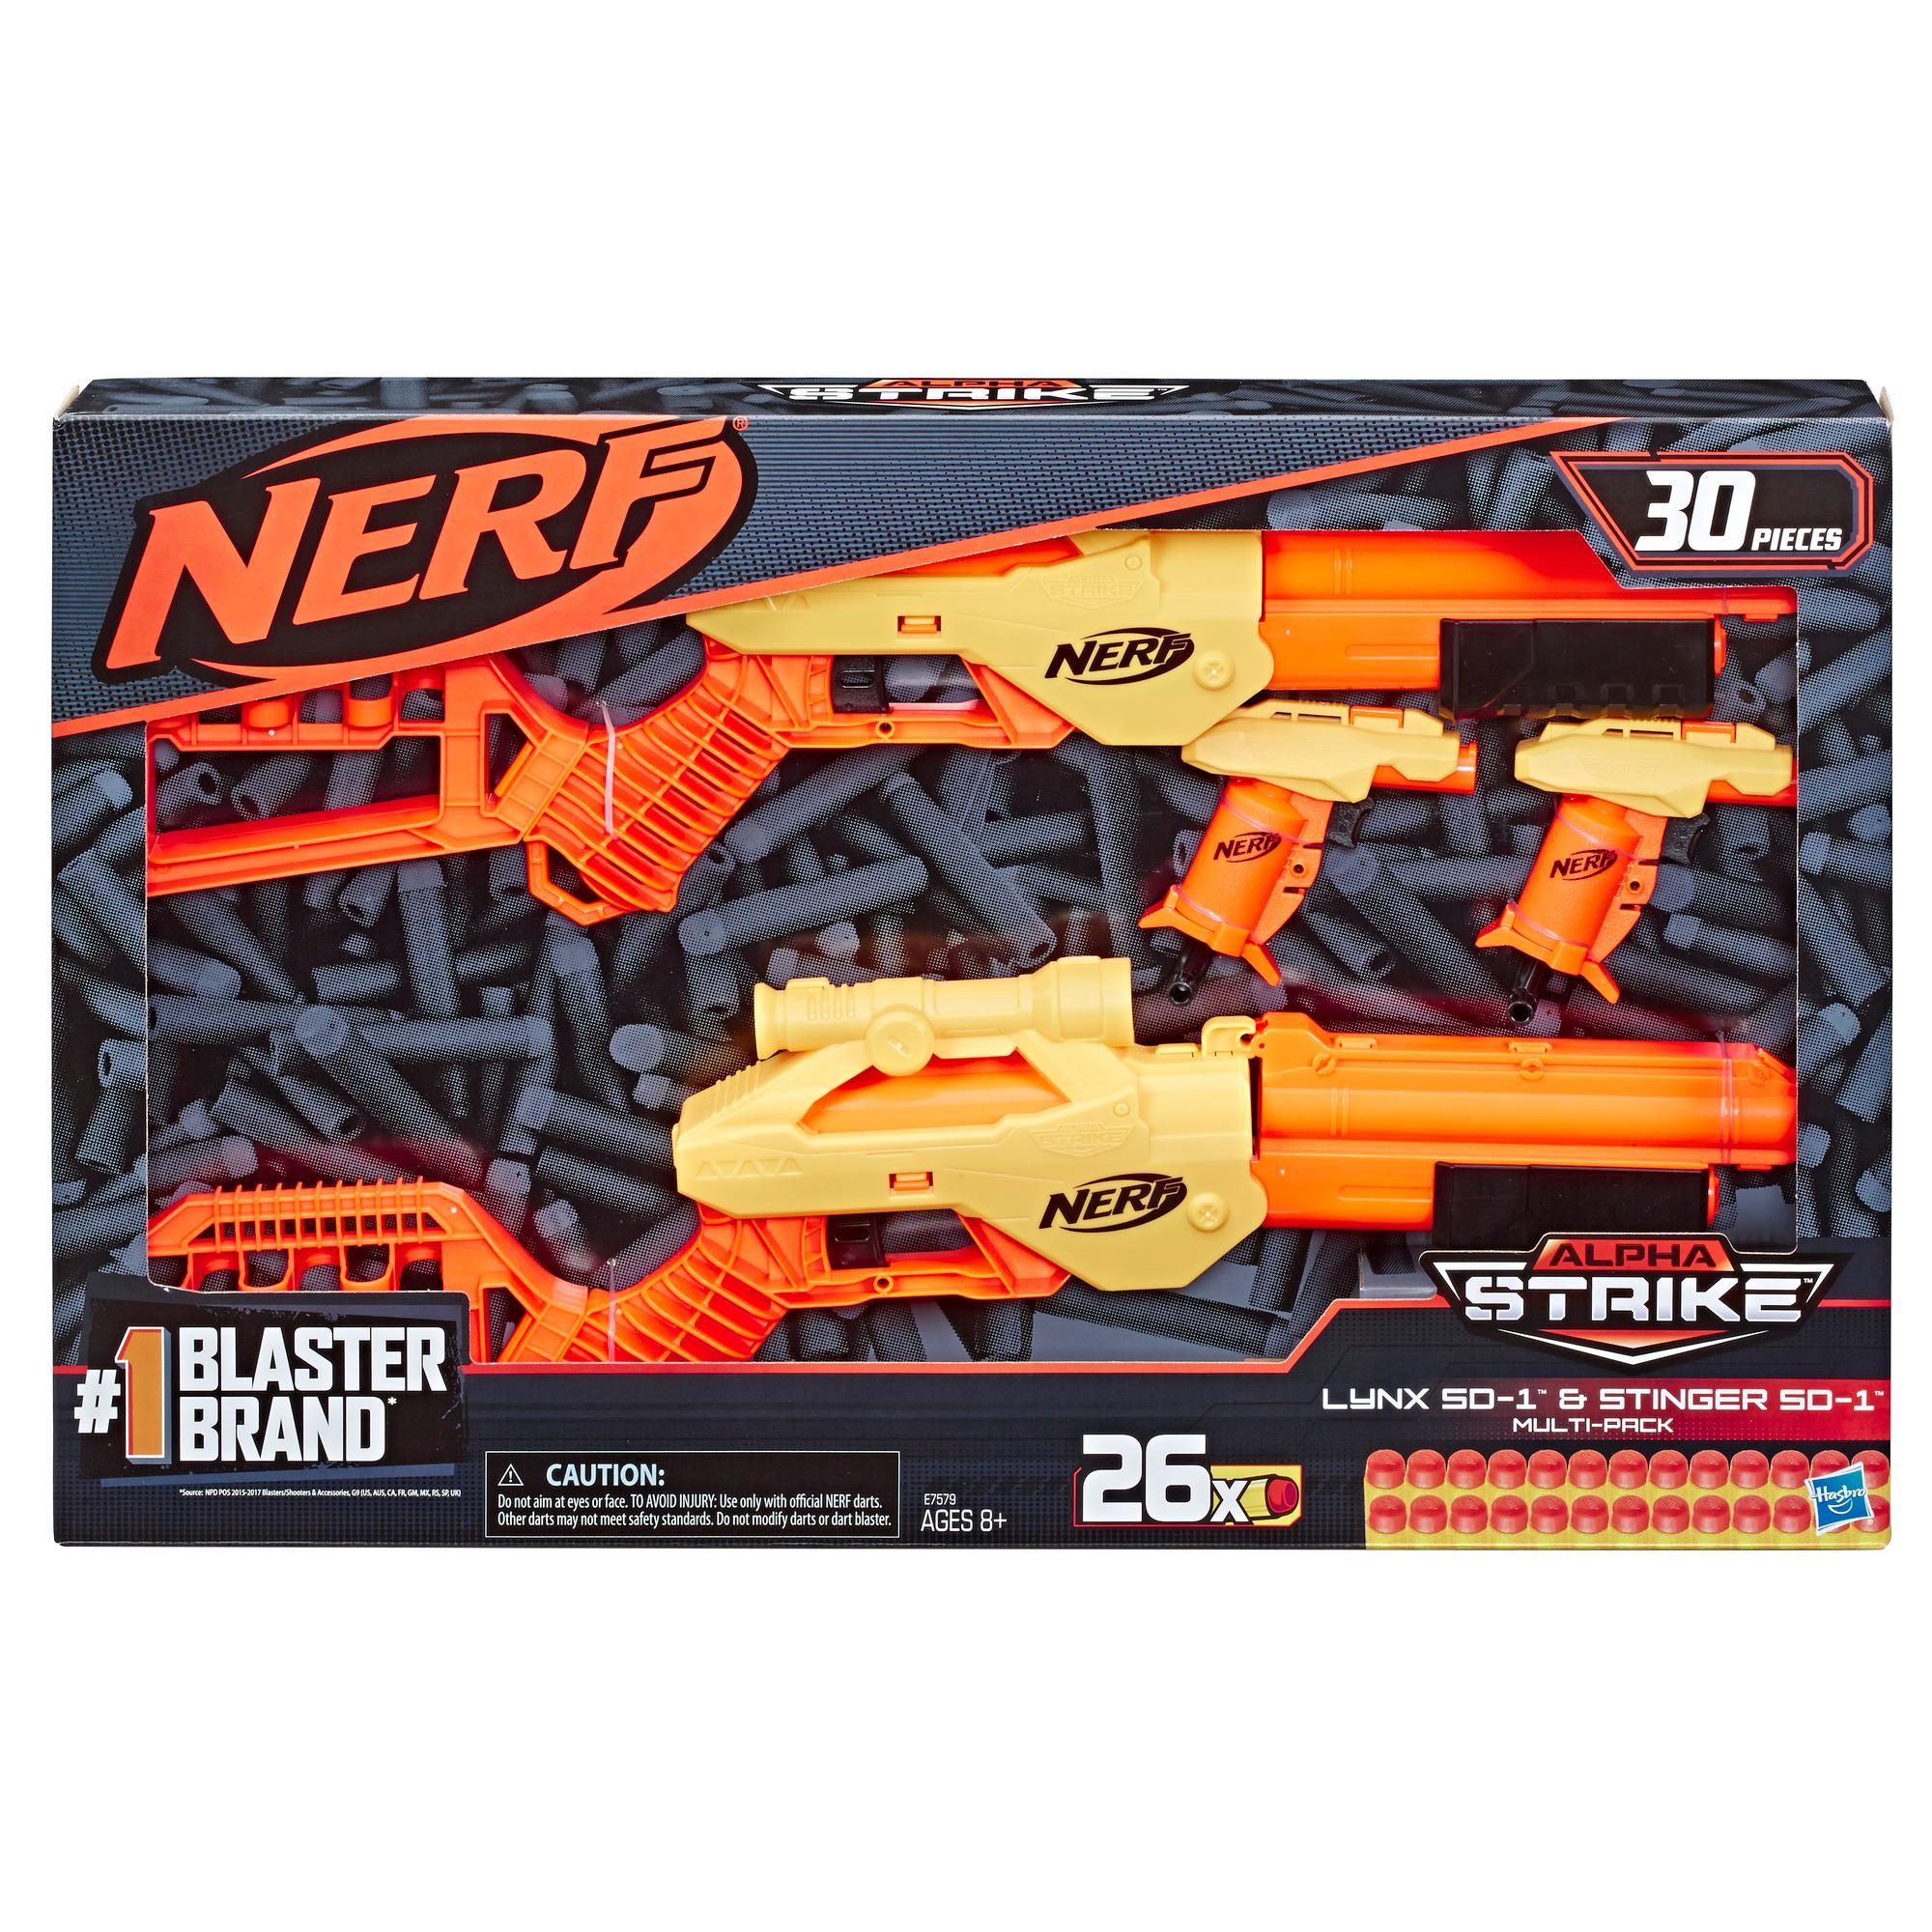 Lynx SD-1 y Stinger SD-1 Multipack. Set Nerf Alpha Strike de 30 piezas, incluye 4 lanzadores y 26 dardos Nerf Elite oficiales. Para niños, adolescentes y adultos